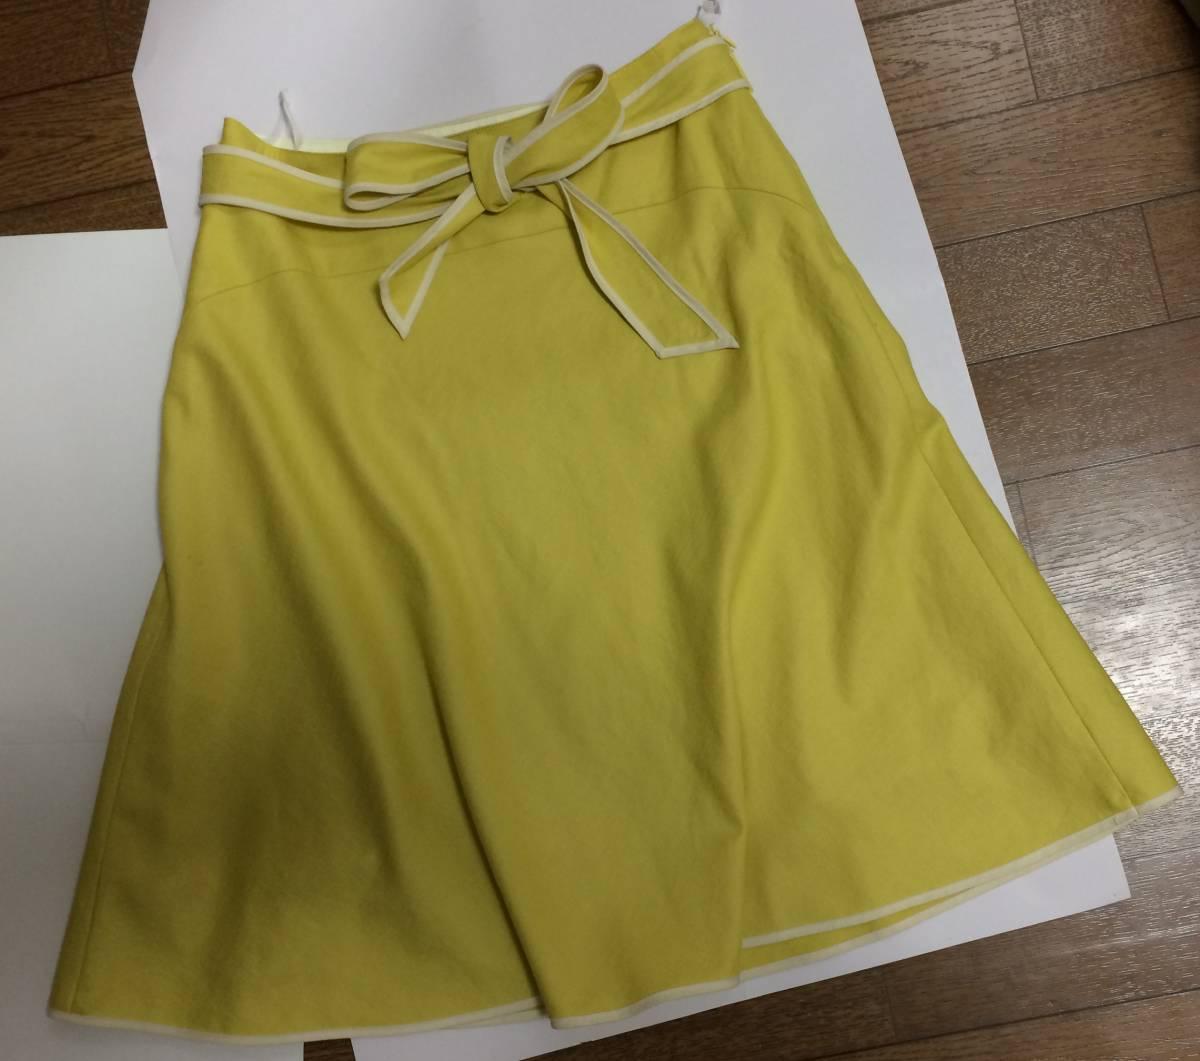 即決 美品 スカート sunauna スーナウーナ M 36 フレアスカート カナリアイエロー イエロー ウエストリボン ワールド 日本製_画像6